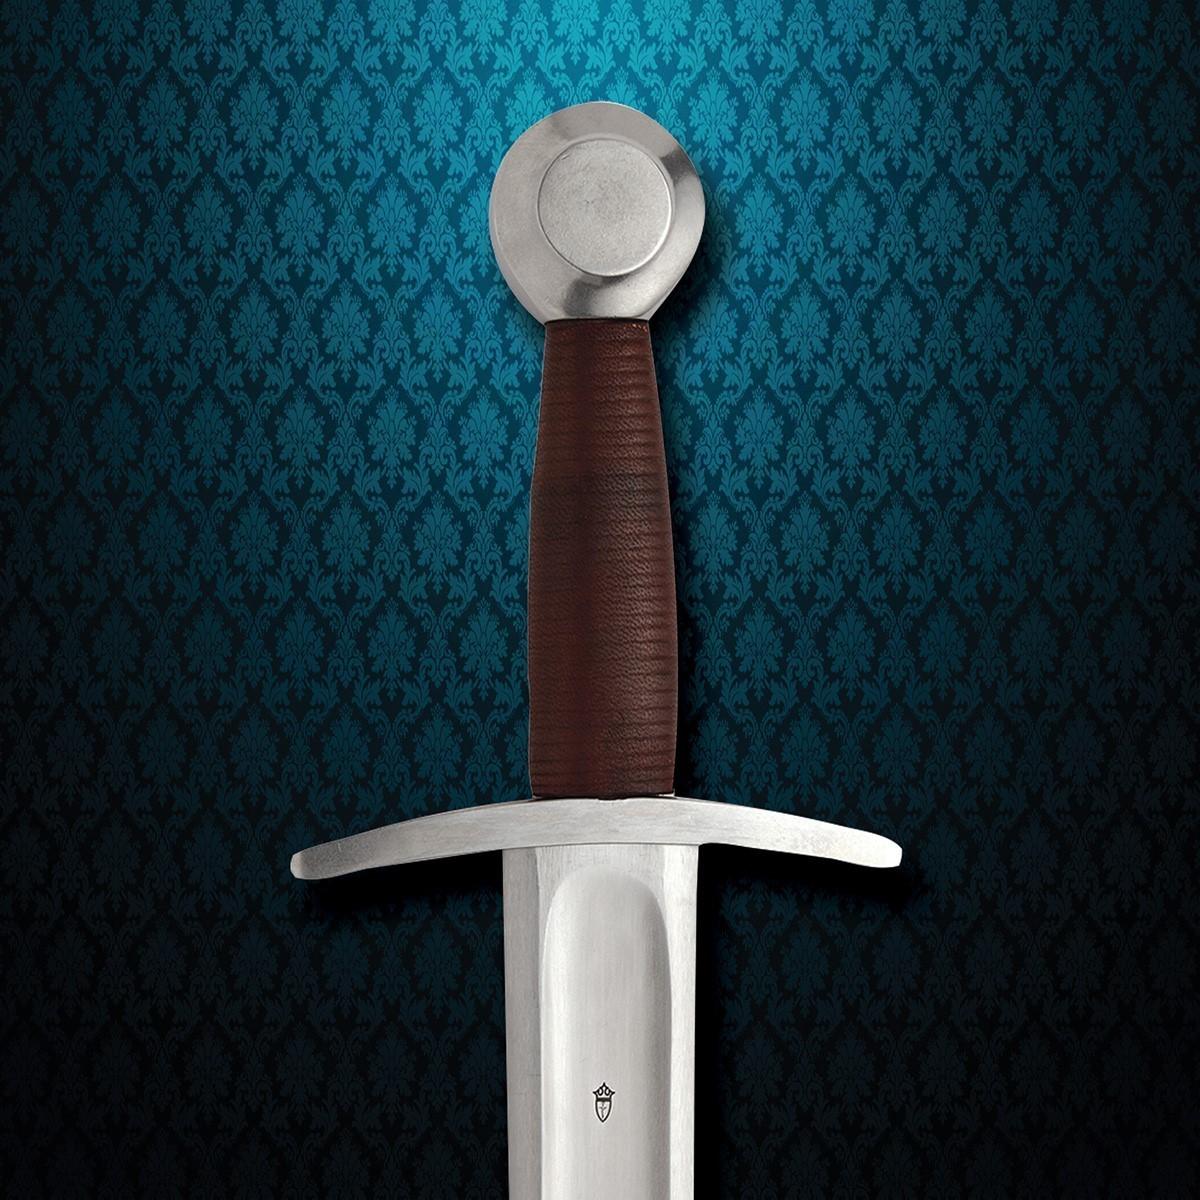 Tourney Arming Re-enactment Combat Sword